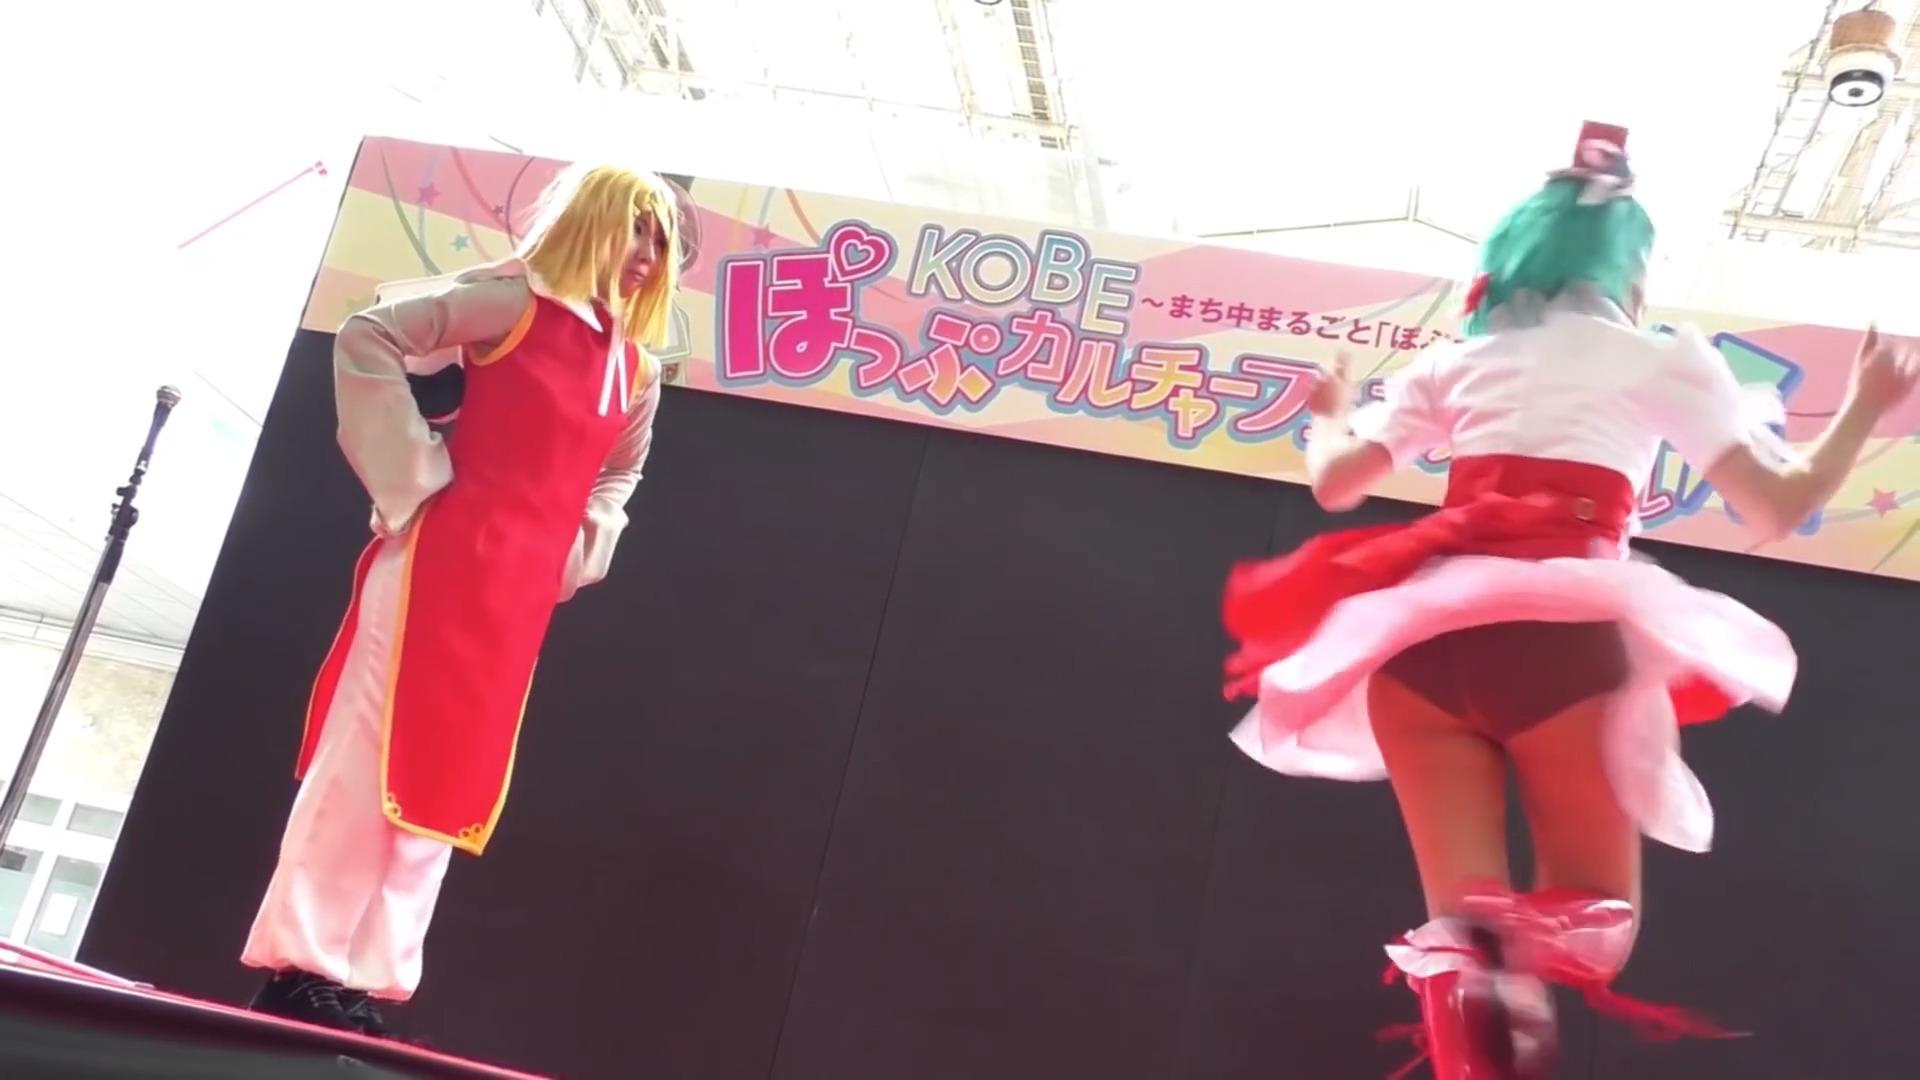 大宙さや×DJコイケ「ビバハピ」KOBEぽっぷカルチャーフェスティバル4th・KOBE pop culture festival 4th 00:49-001